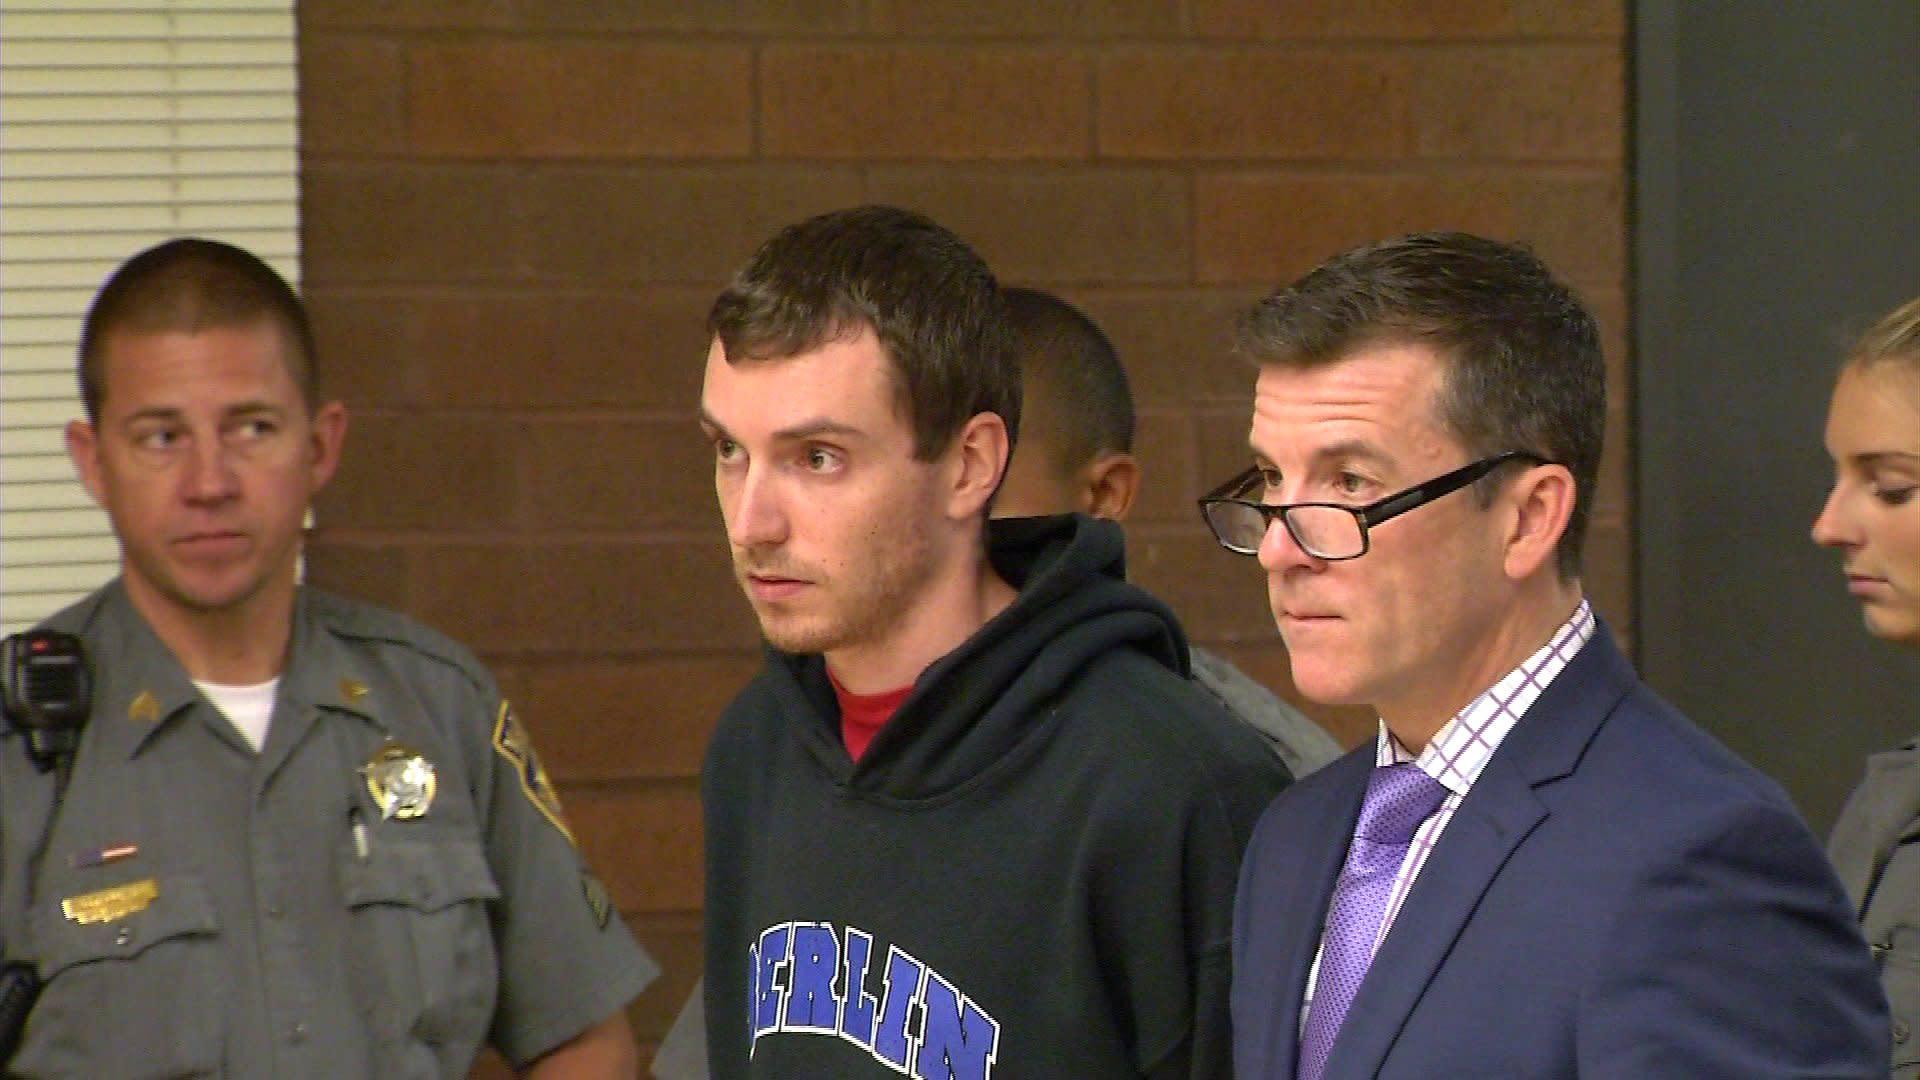 Former Utah middle school teacher accused of having sexual